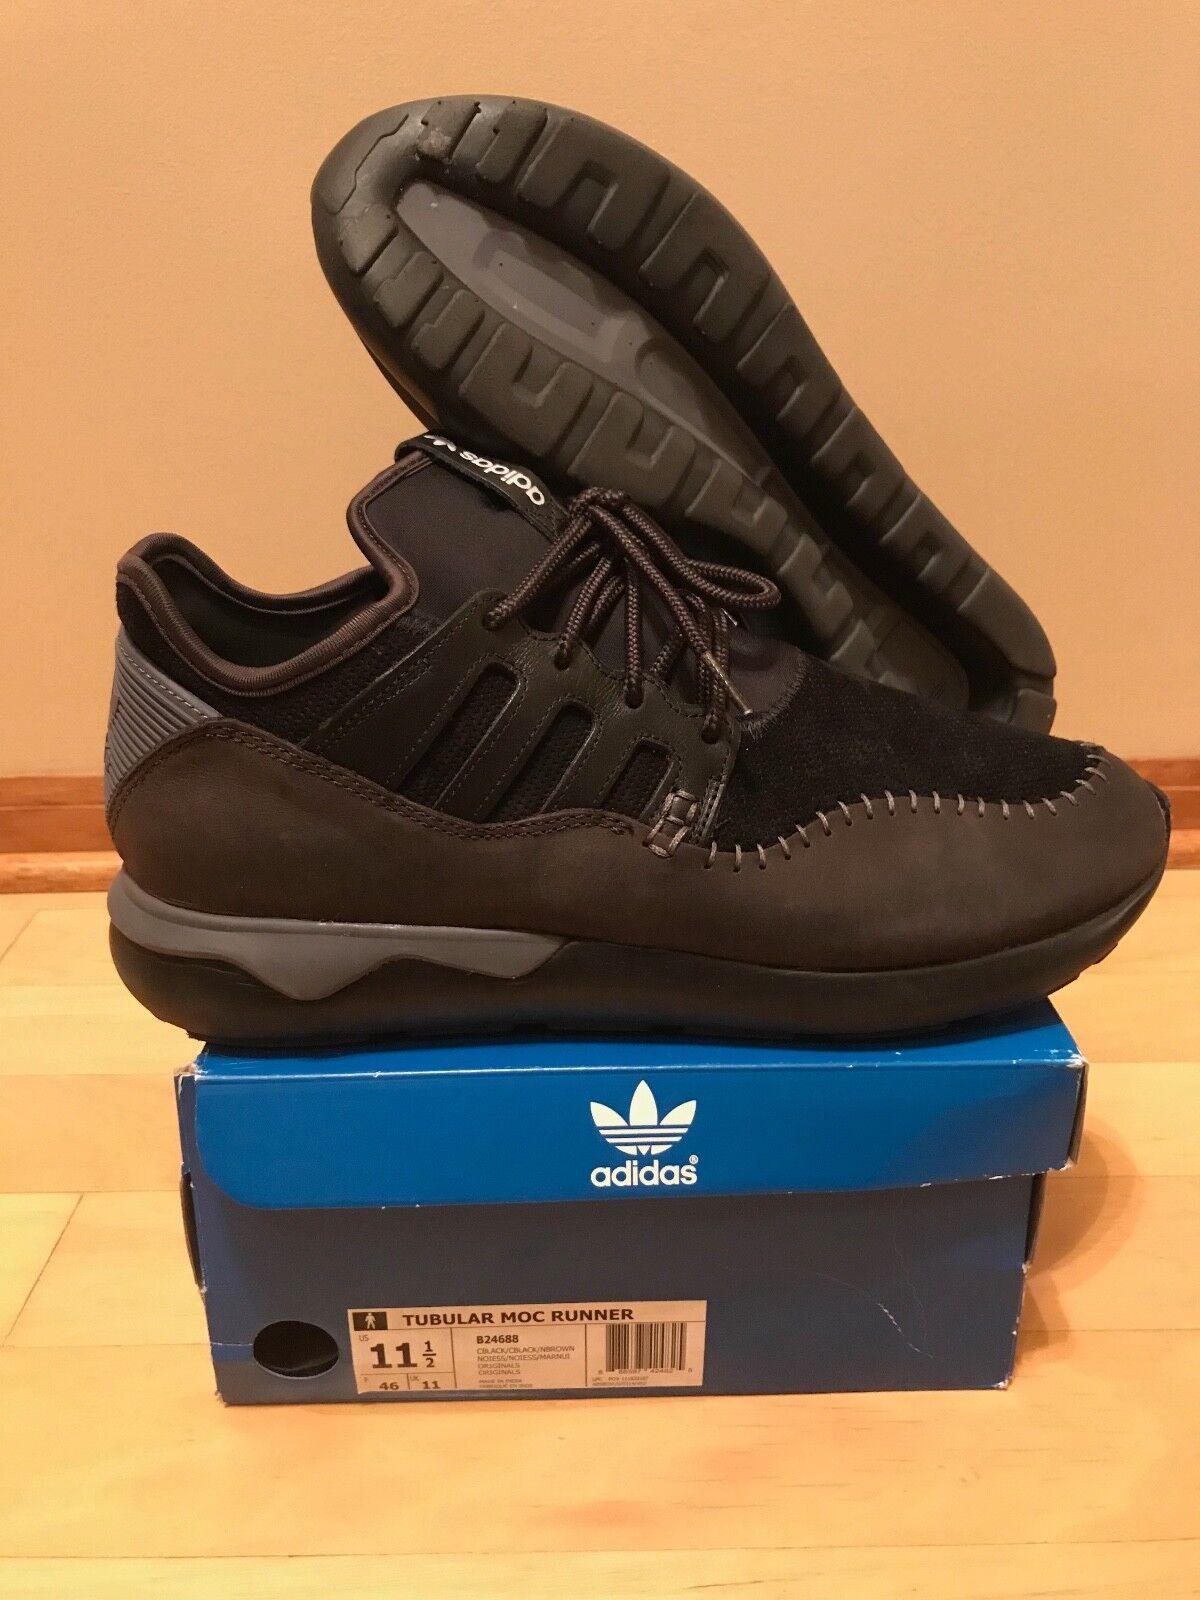 Adidas Tubular Moc Runner Black B24688 Comfortable